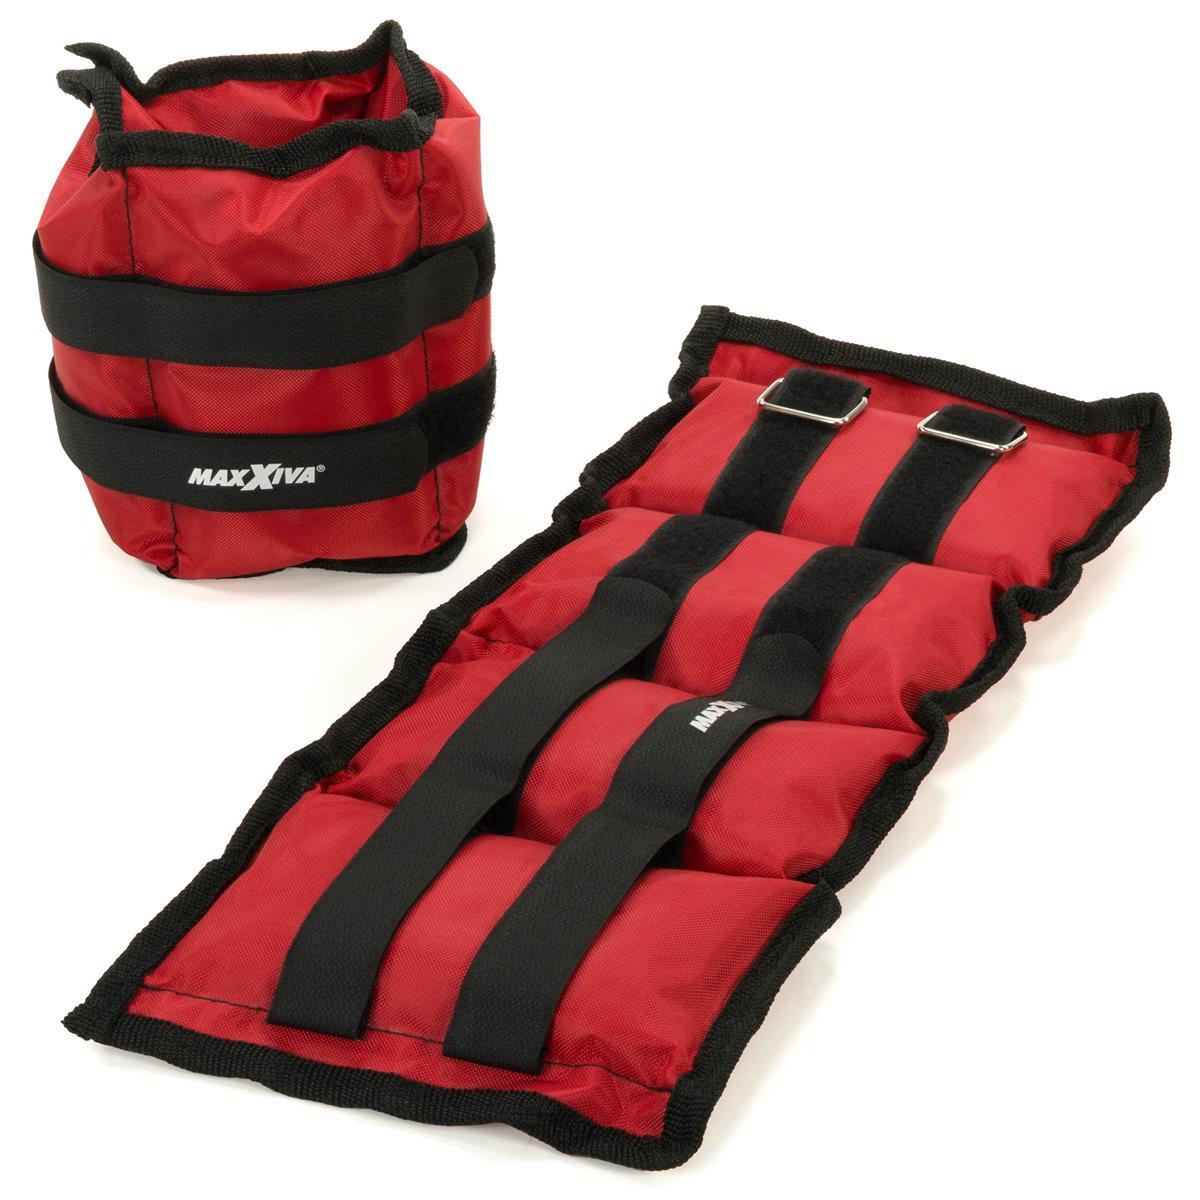 MAXXIVA Gewichtsmanschetten Set 2 x 2 kg Laufgewichte Rot Arm Bein